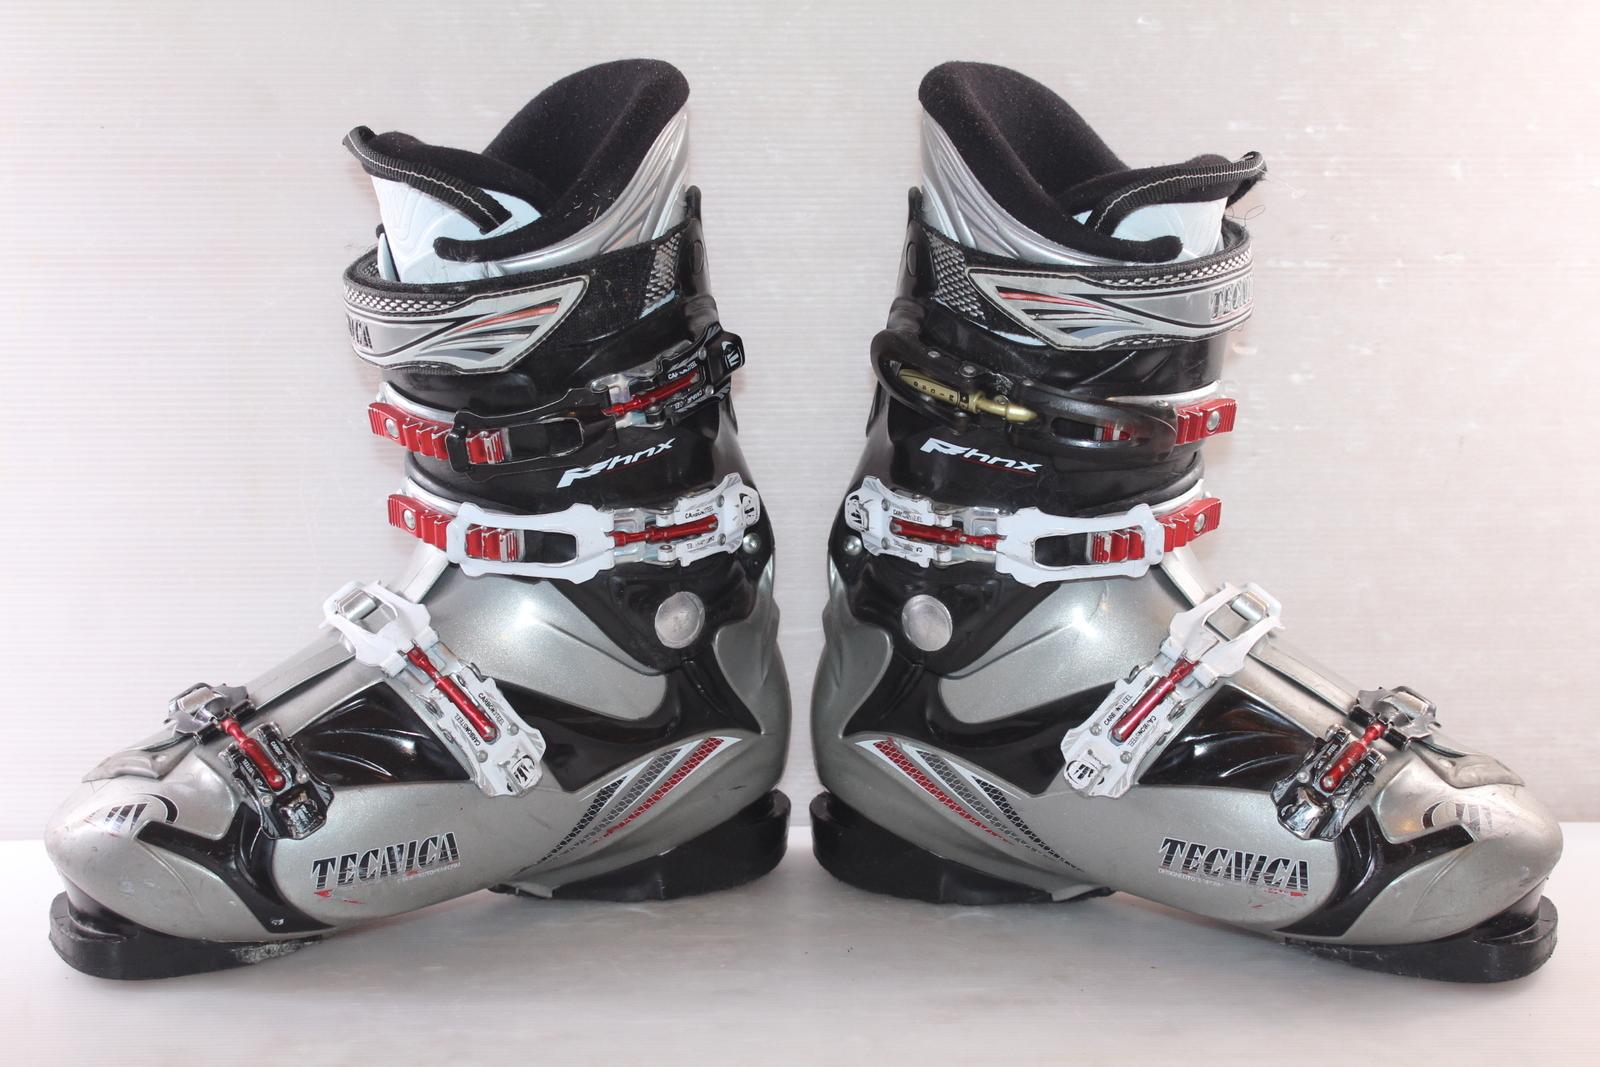 Lyžařské boty Tecnica PHNX vel. EU42.5 flexe 80